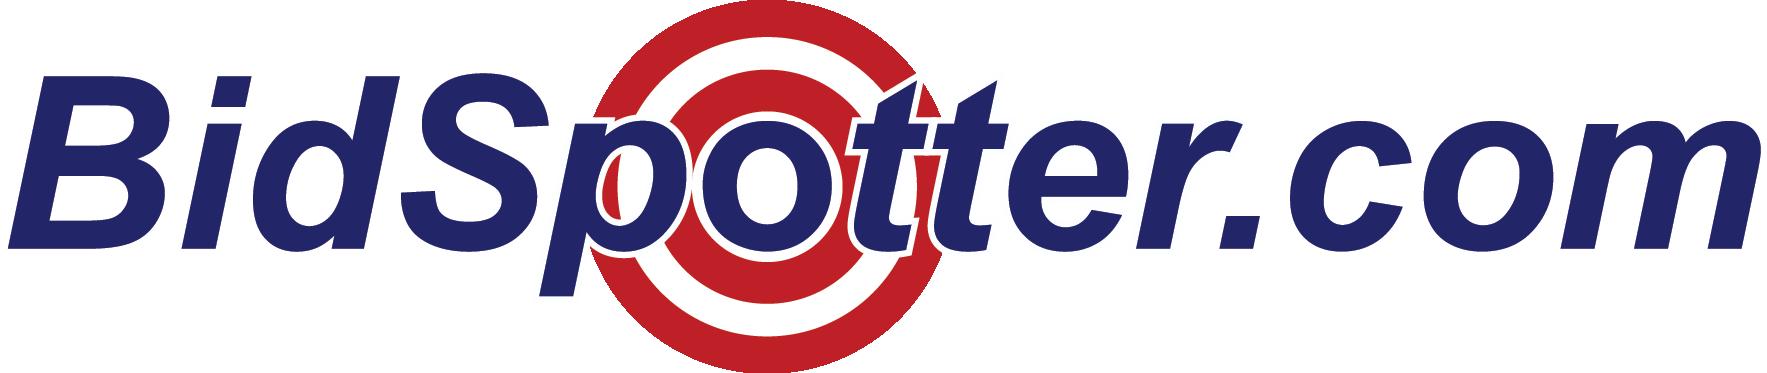 Bidding Logo